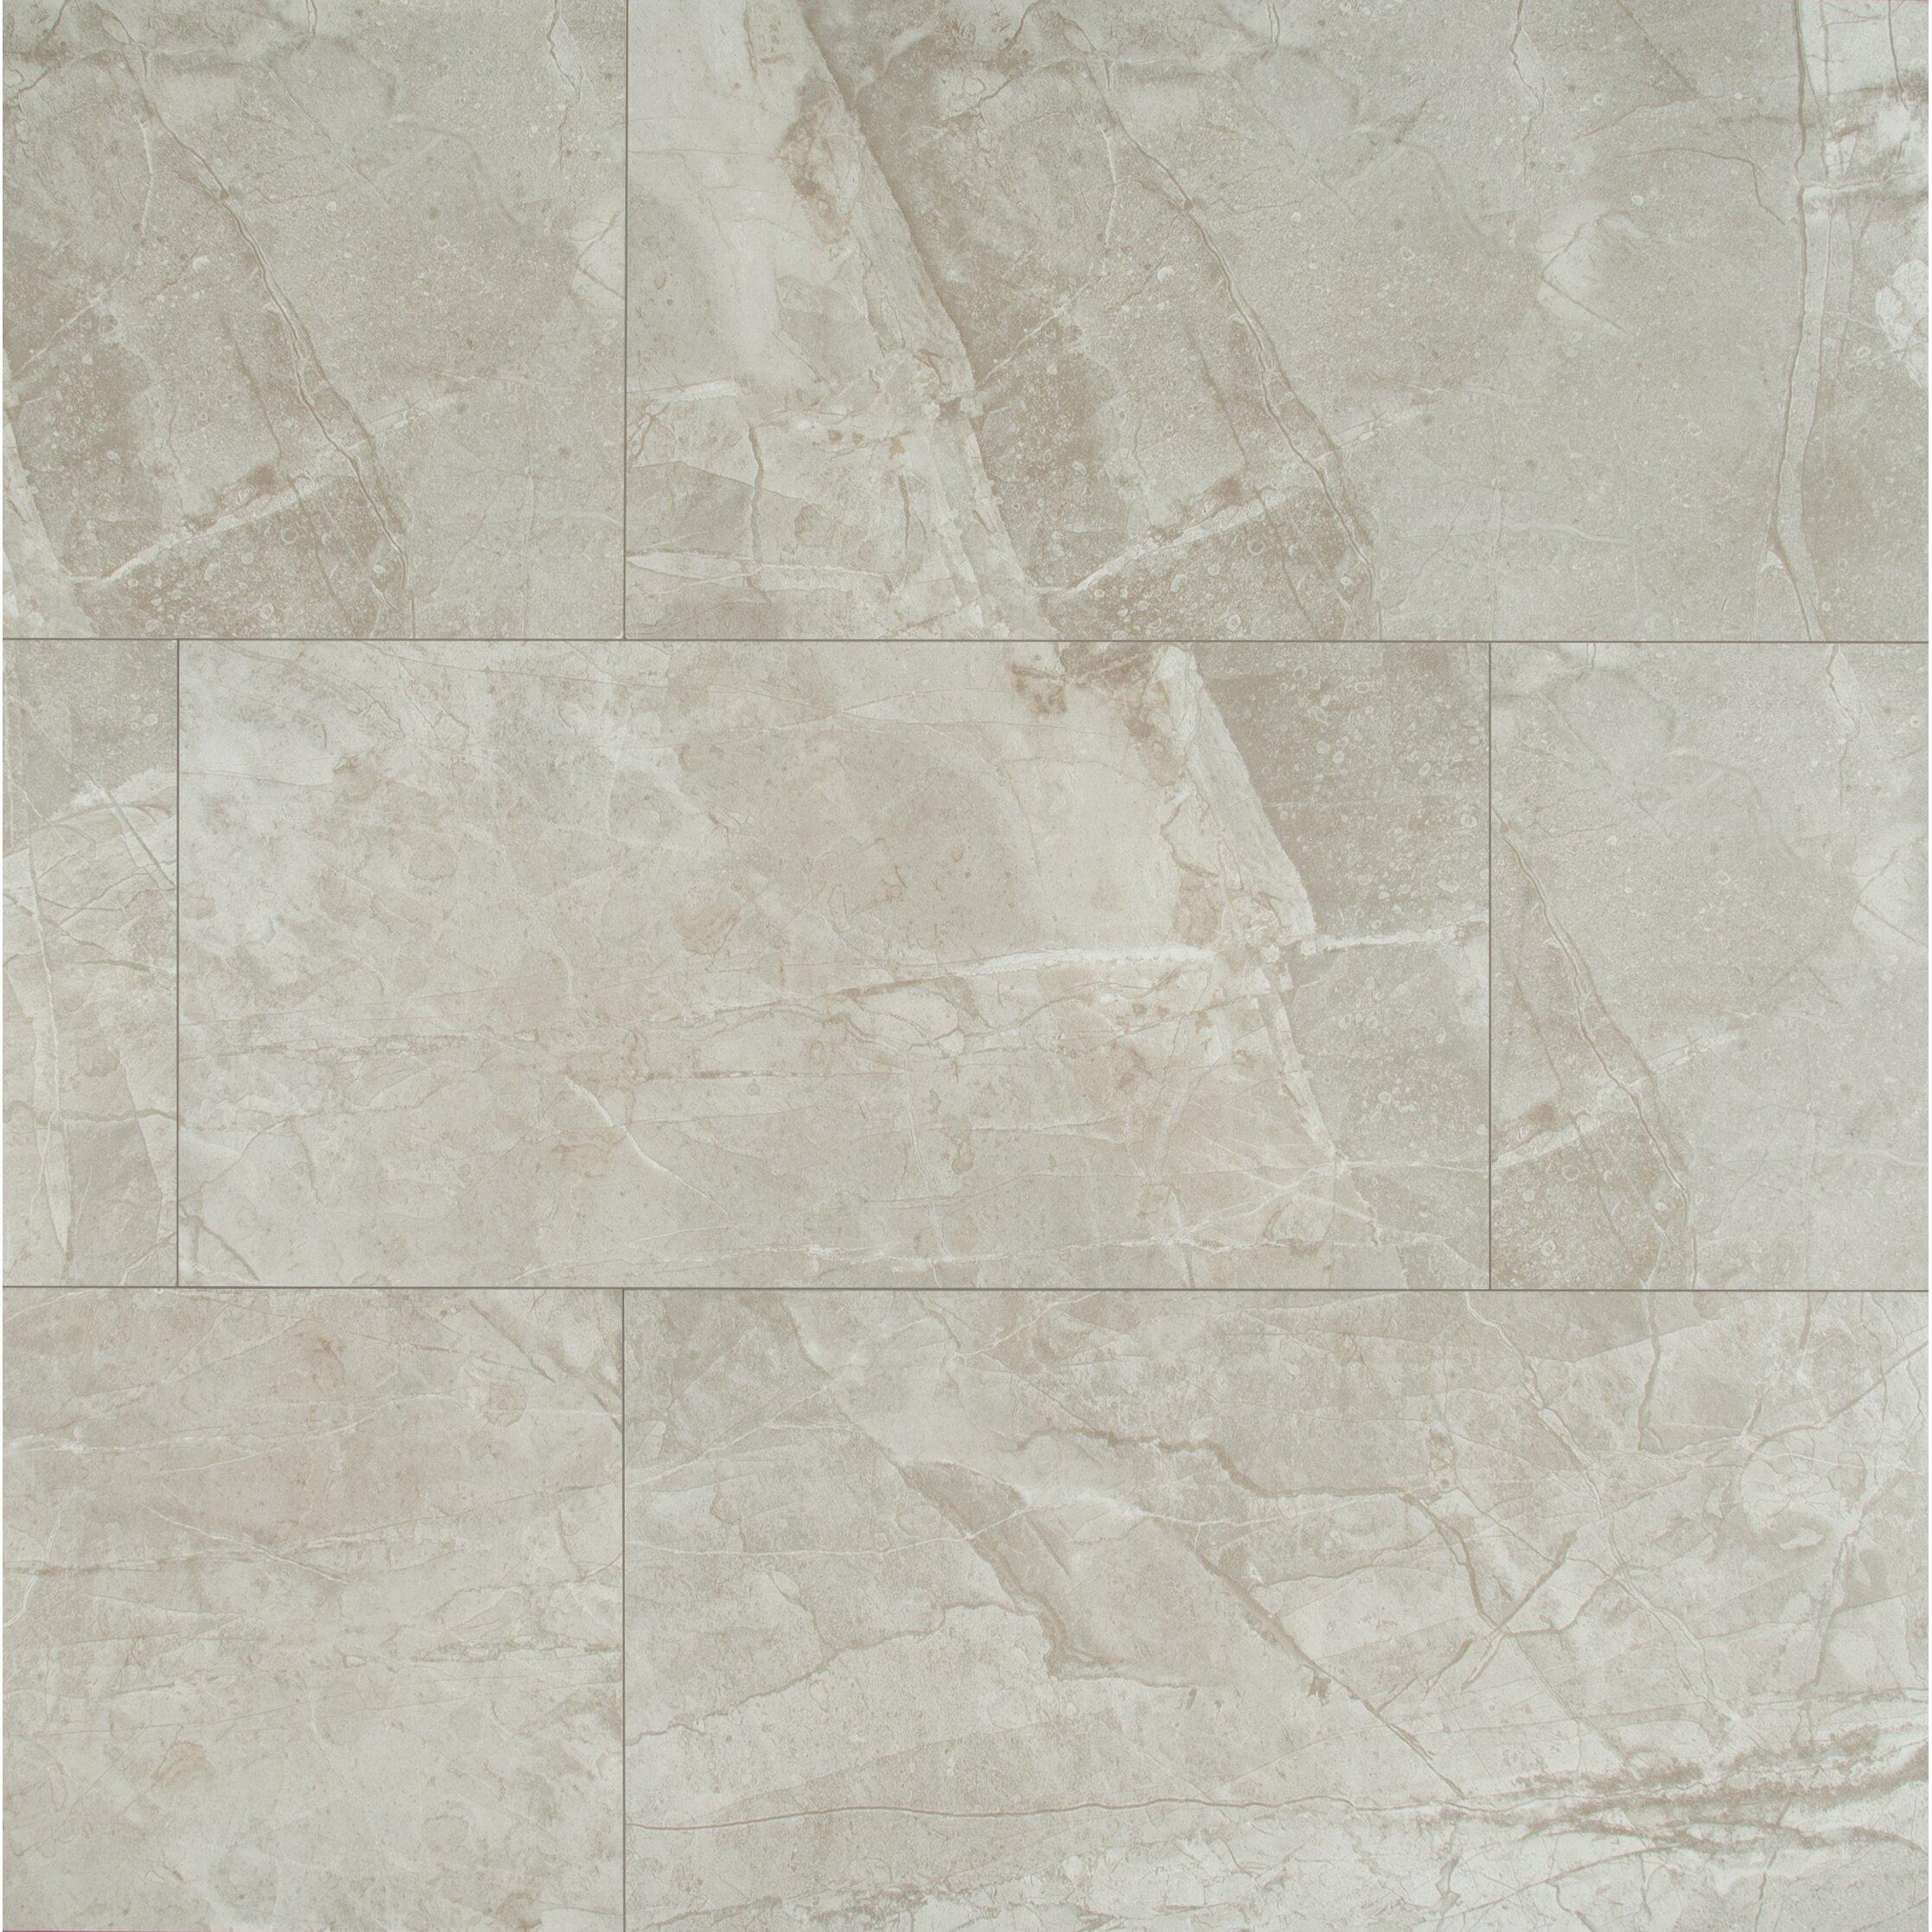 12 x 24 ceramic tile